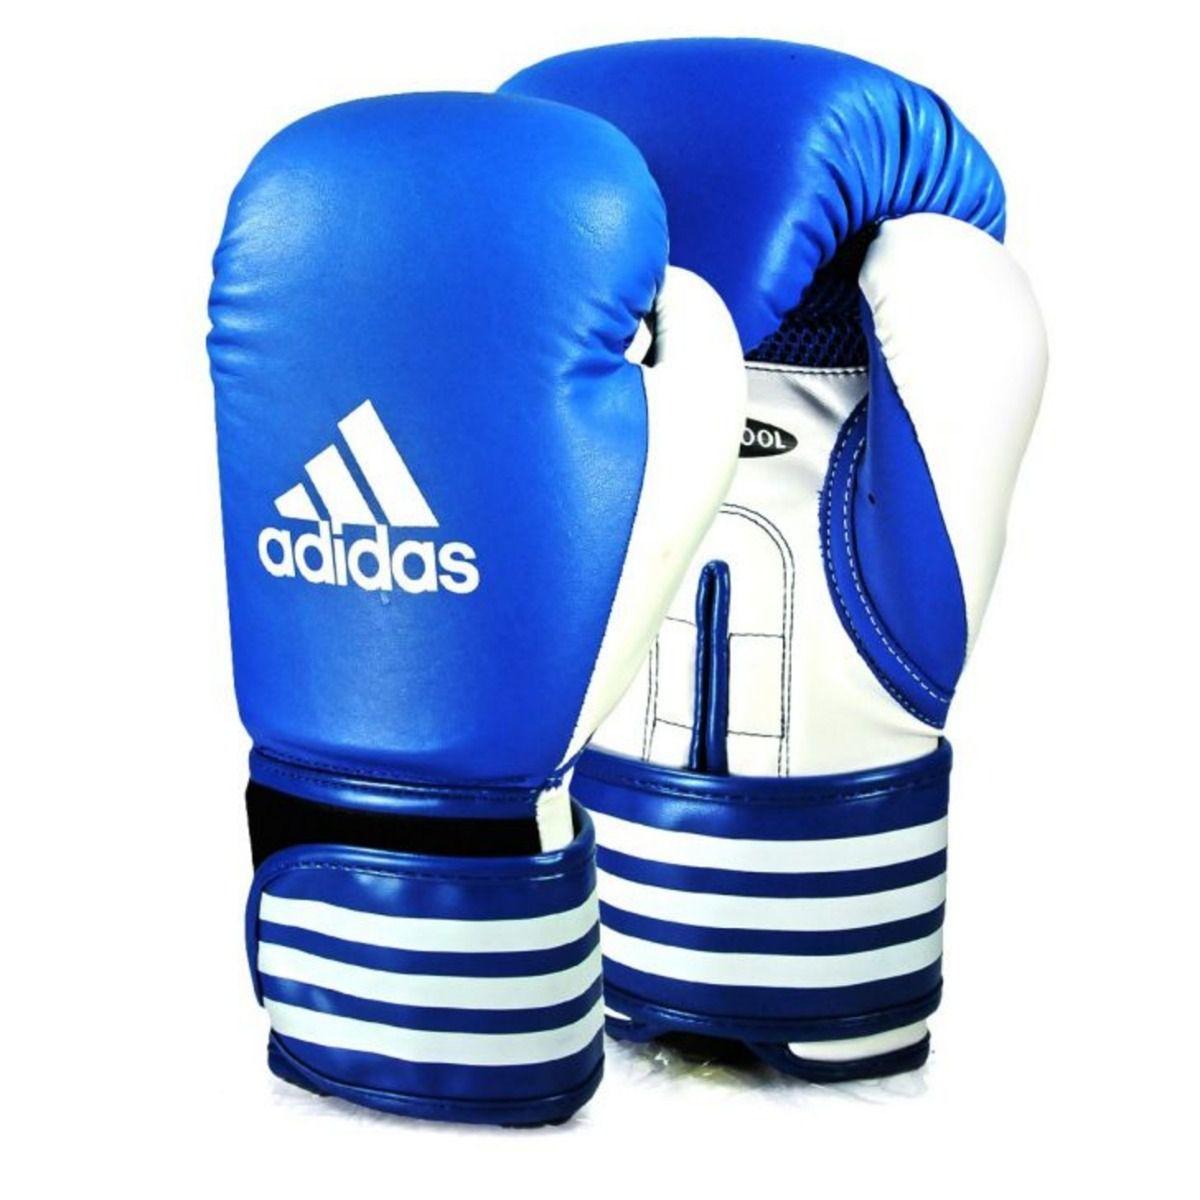 da518444c Luva Boxe Adidas Ultima Boxing - Azul - Titanes Esportes